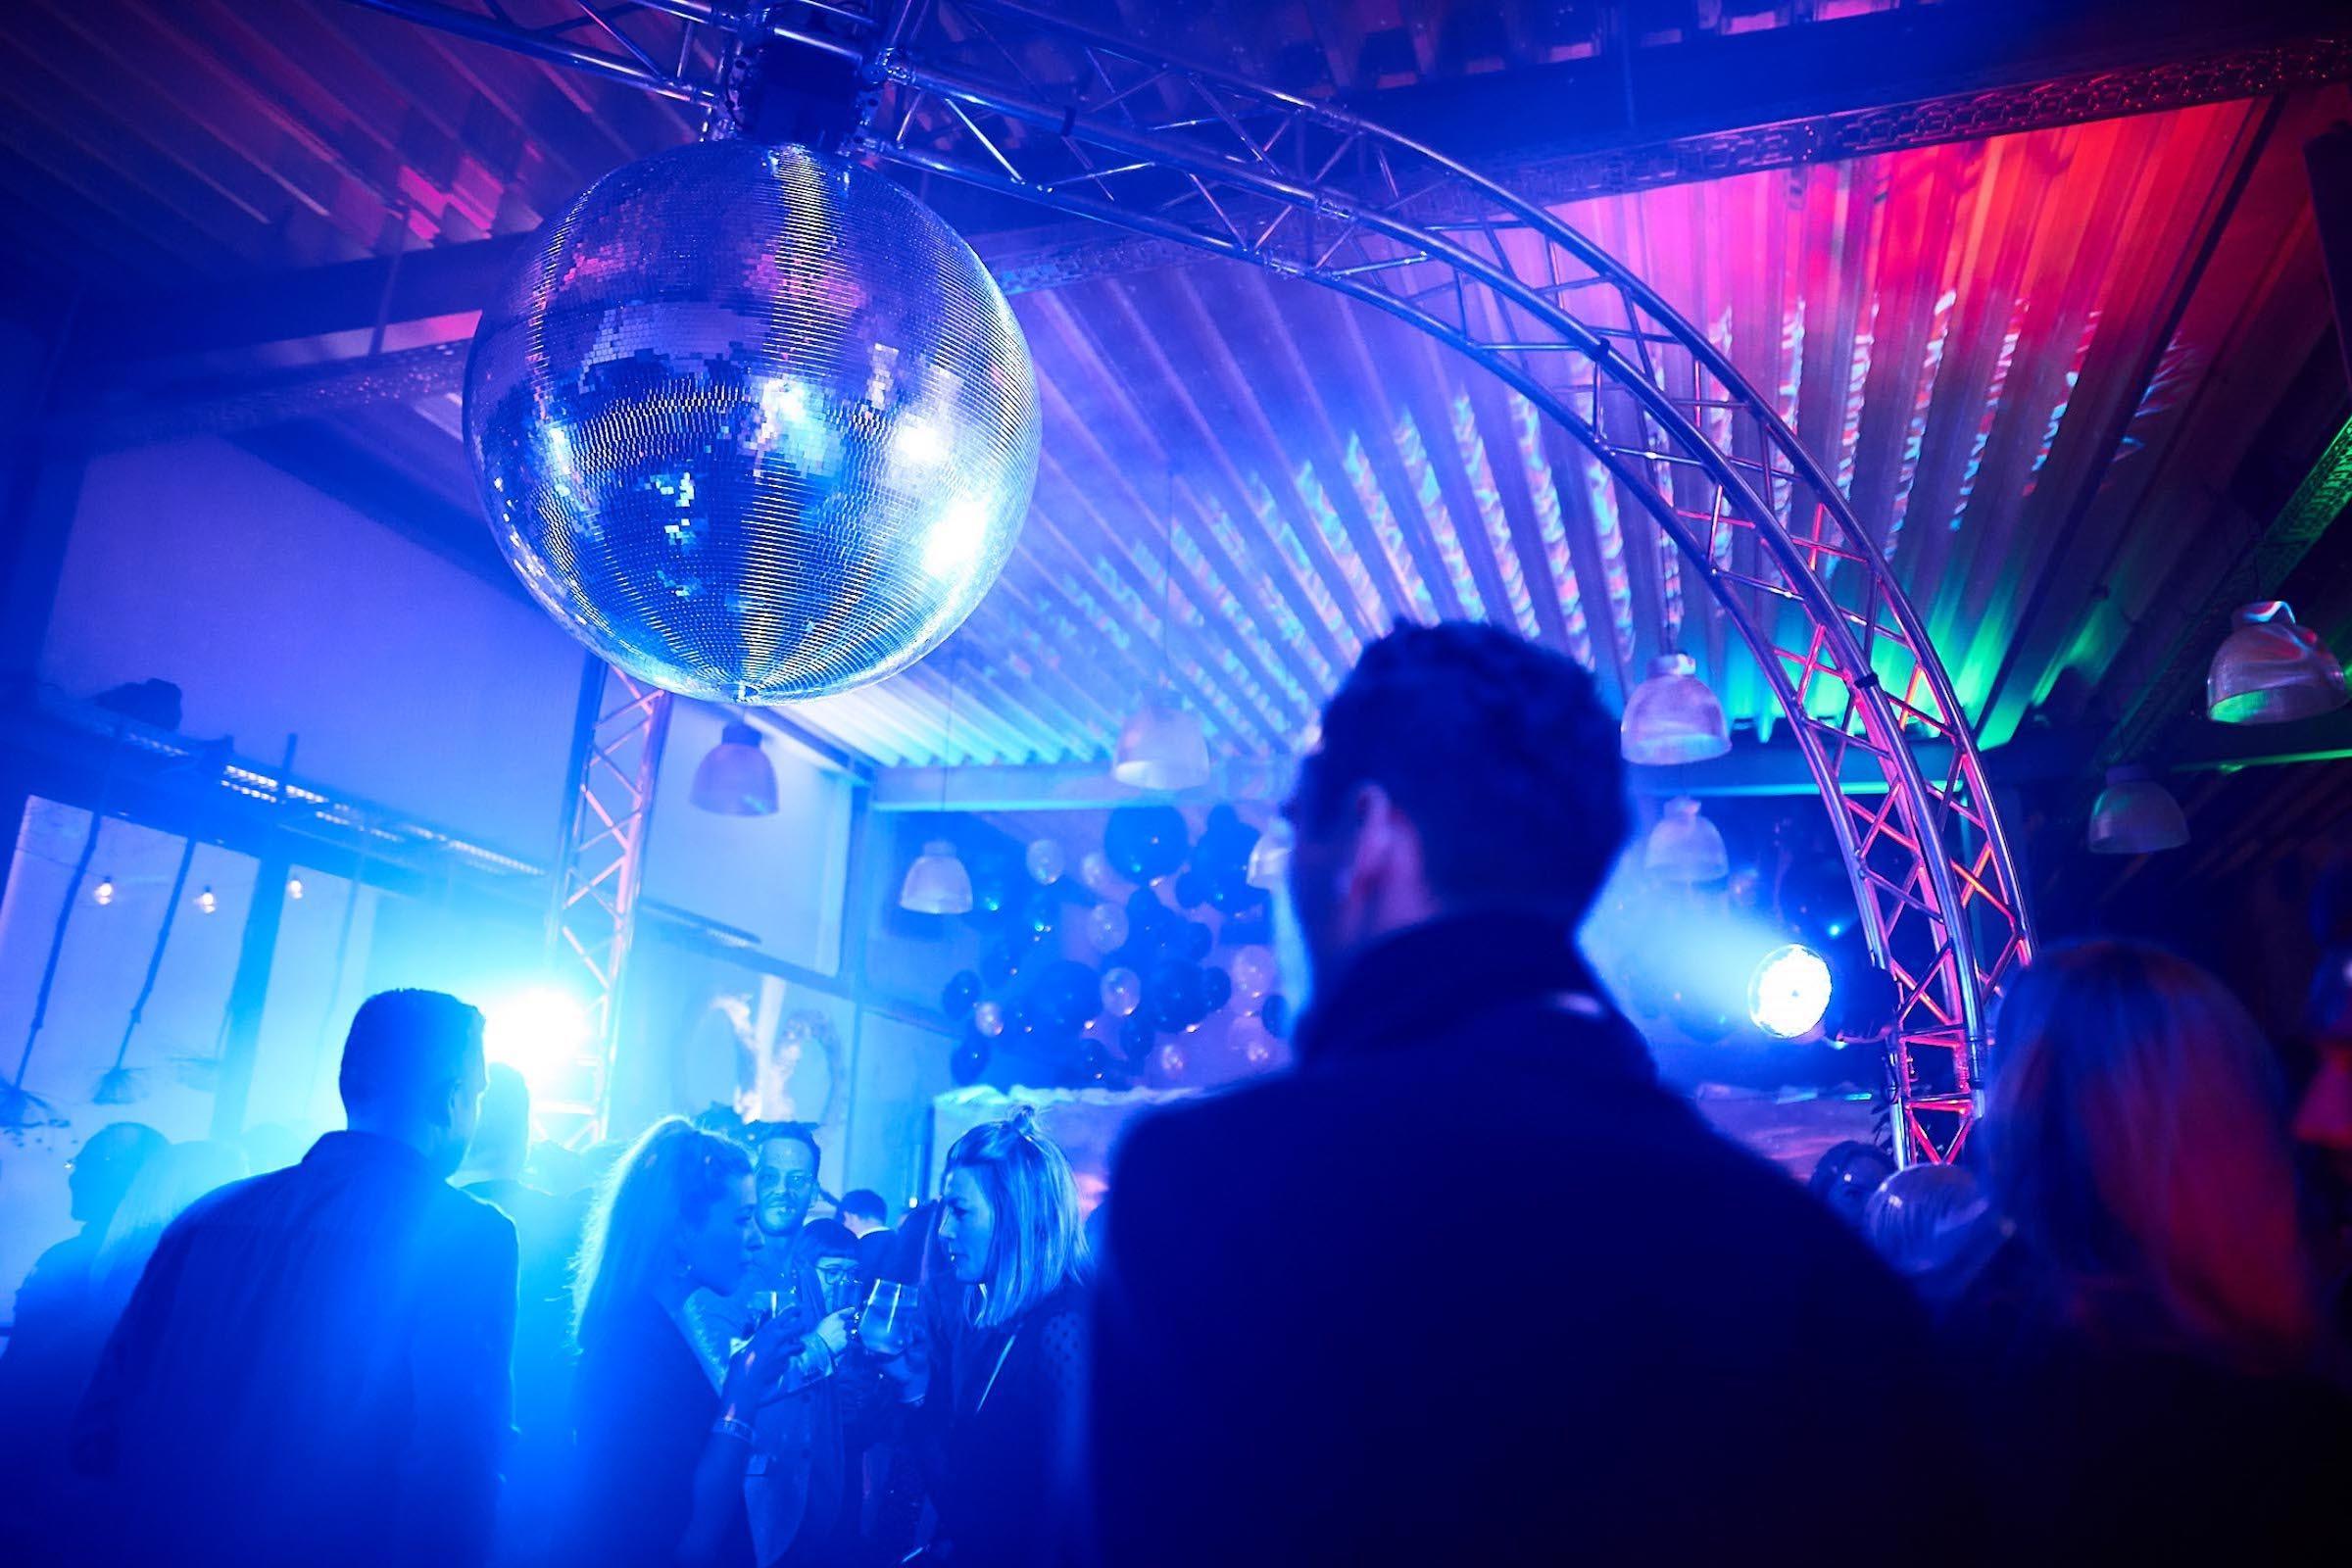 DJ |Hochzeit |DJ |Messe |Hochzeits |DJ |Firmenevent |Firmenfeier |DJ |Geburtstag |DJ |Weihnachtsfeier |DJ |Sommerfest |DJ |Event |Buchen |Anfragen |Lehmann |Eventservice